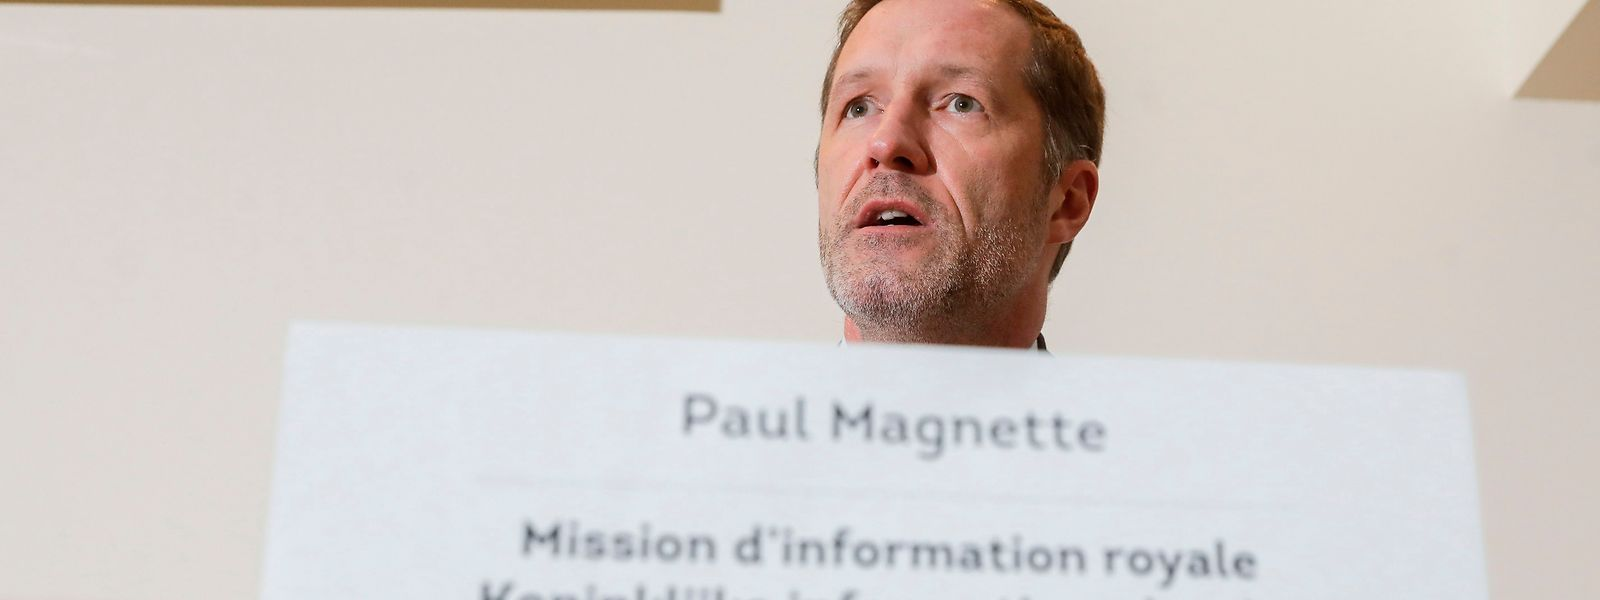 Paul Magnette a jusqu'au 9 décembre pour mener à bien la tâche qui lui a été confiée